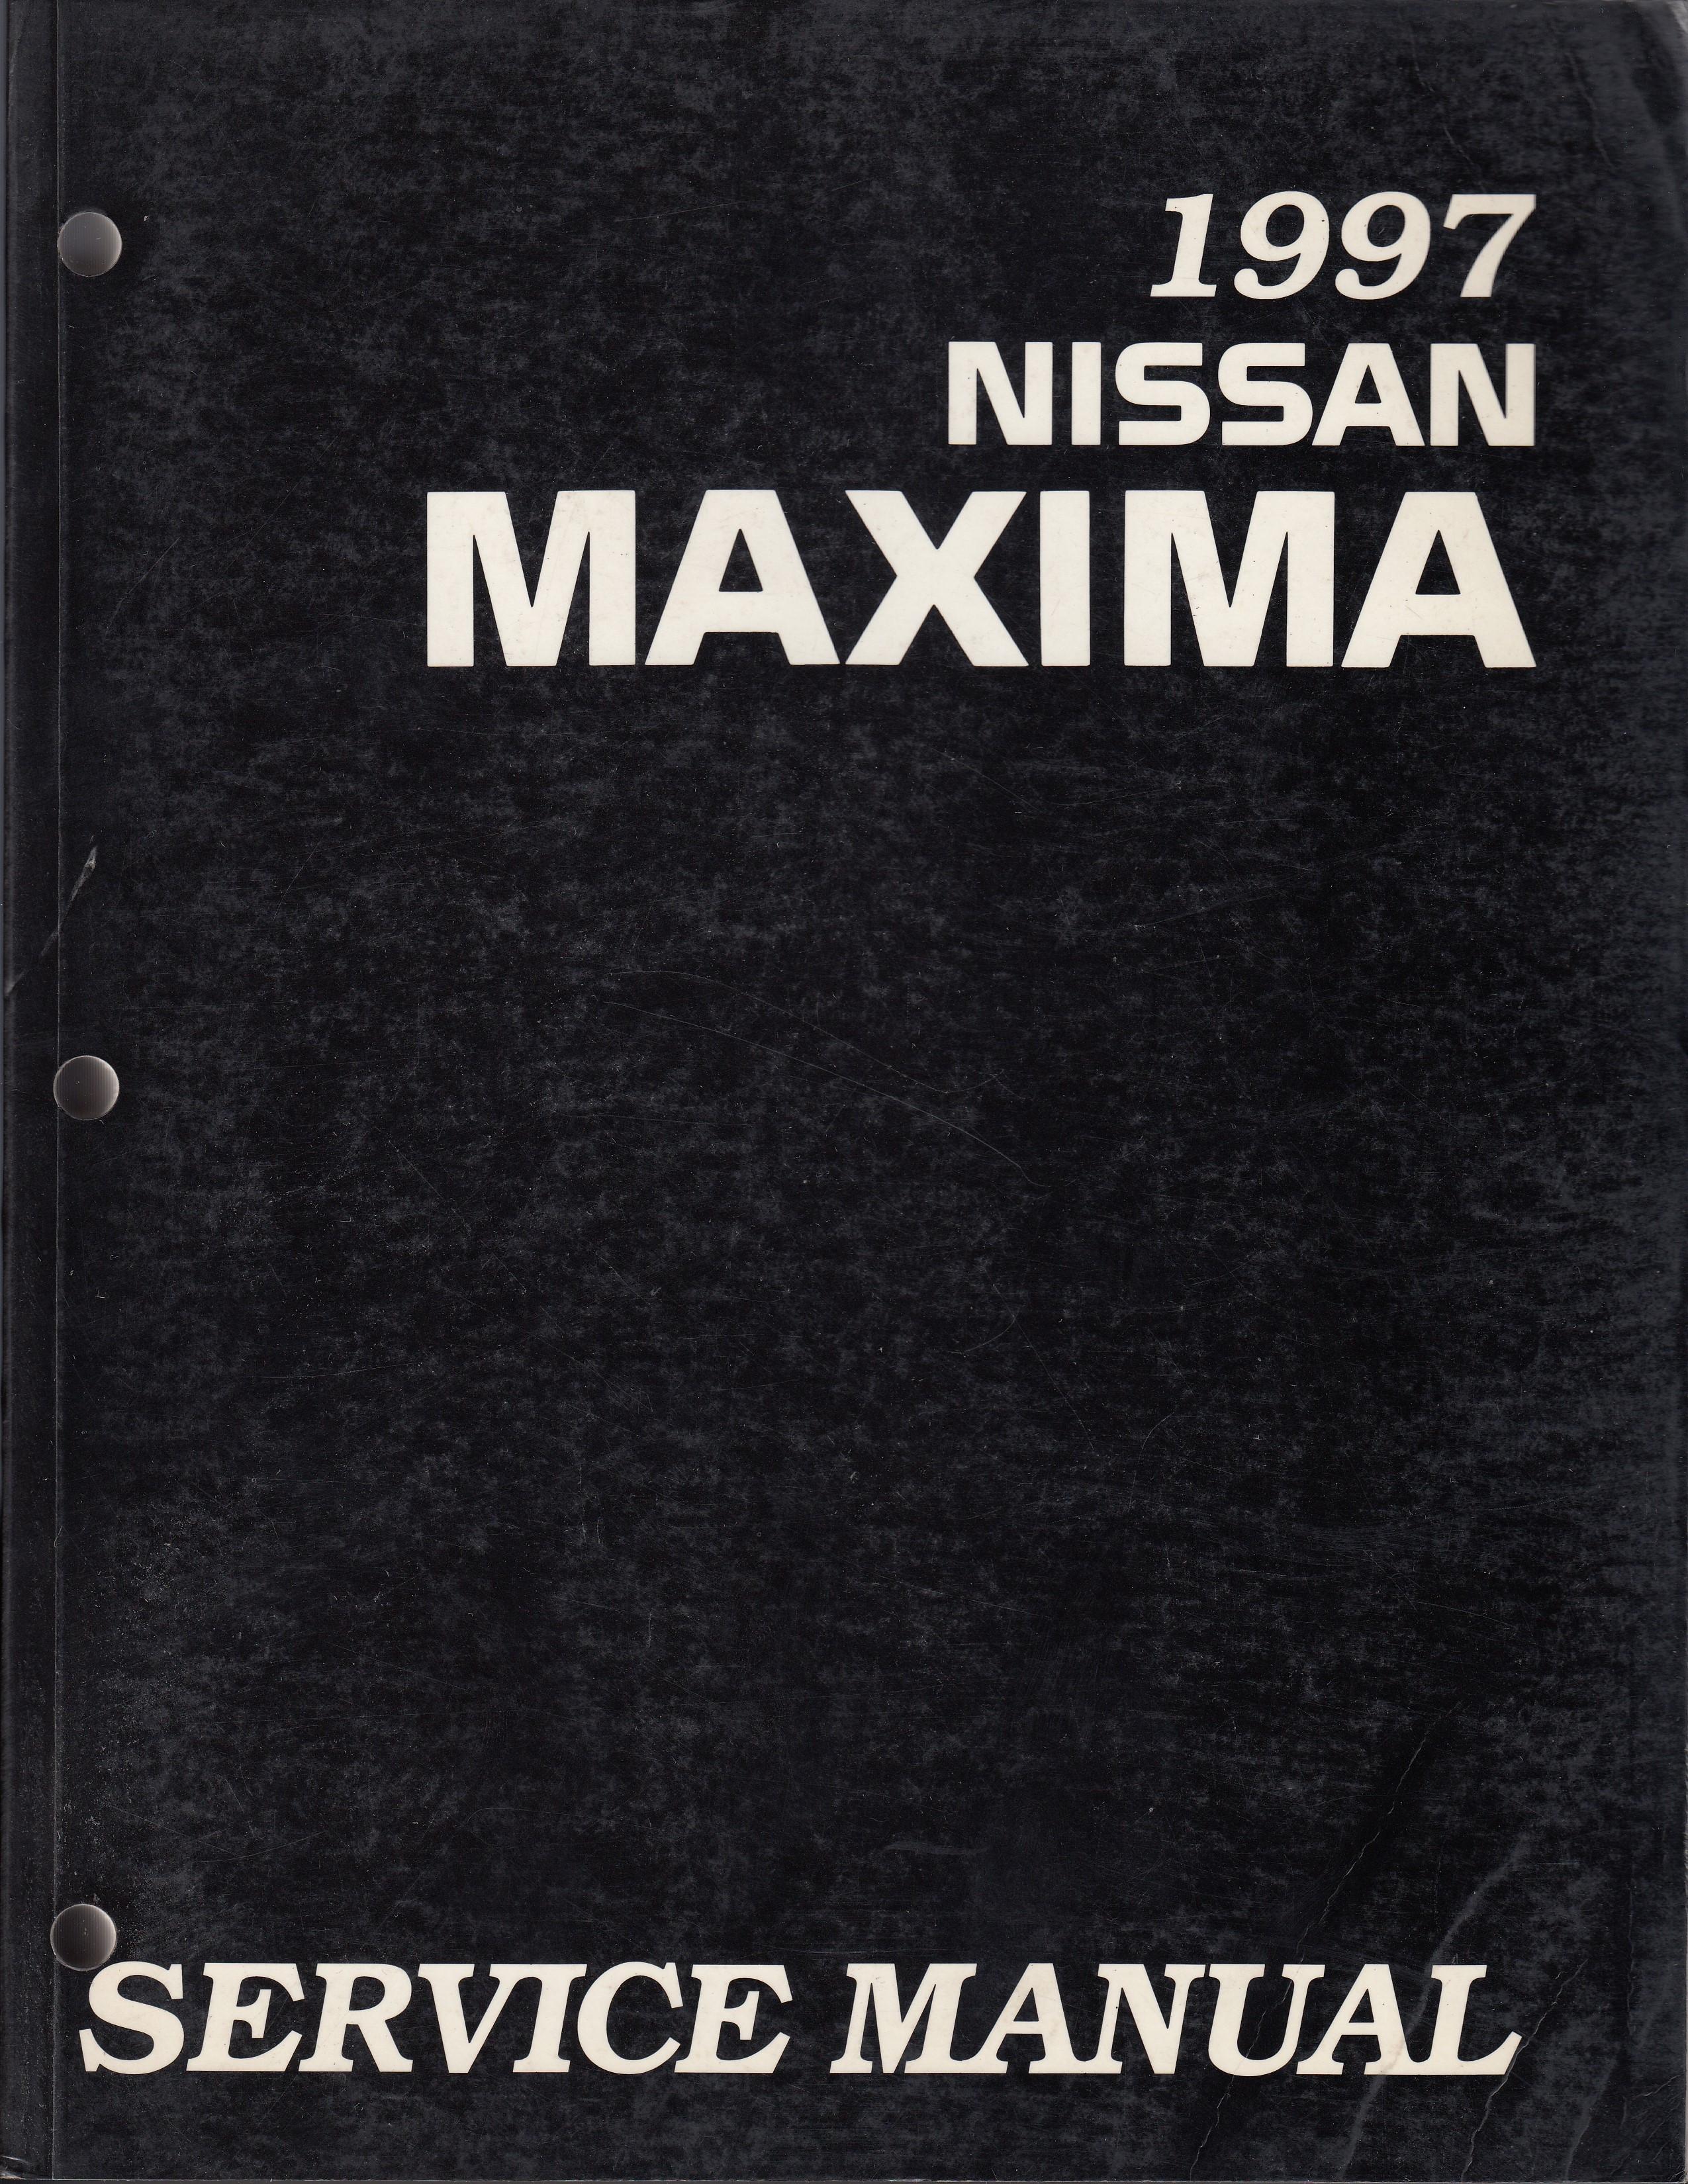 Nissan Maxima (95-00) Werkstatthandbuch von 1997